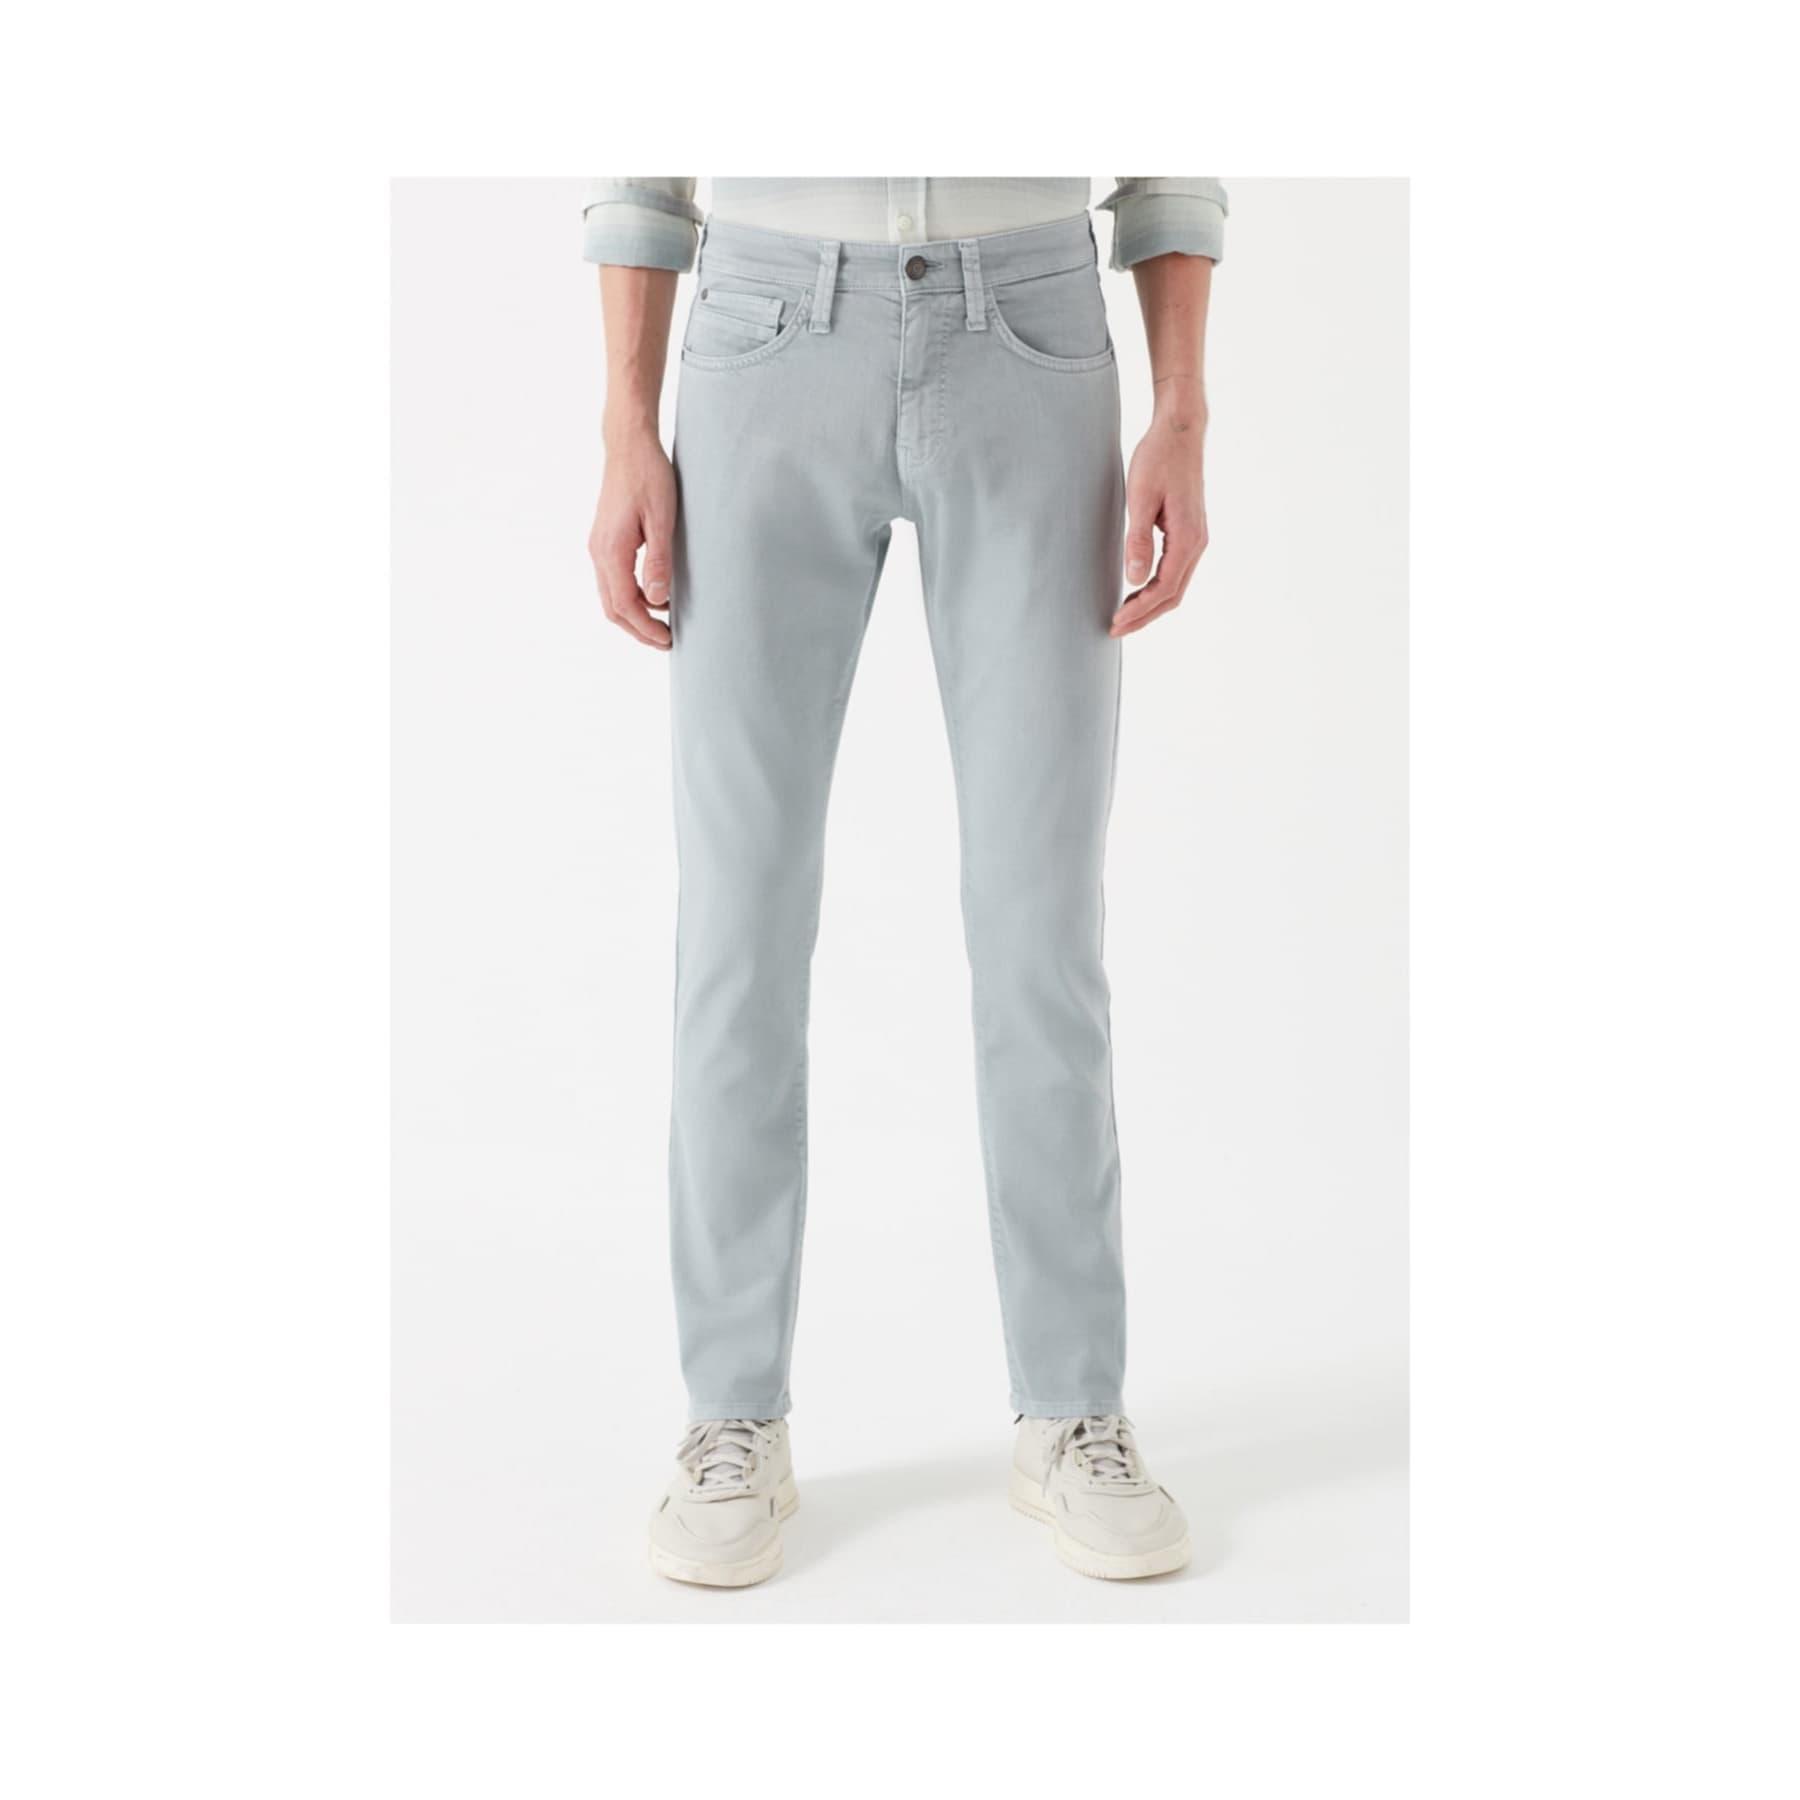 Jake Buz Gri Erkek Gabardin Pantolon (0042231244)